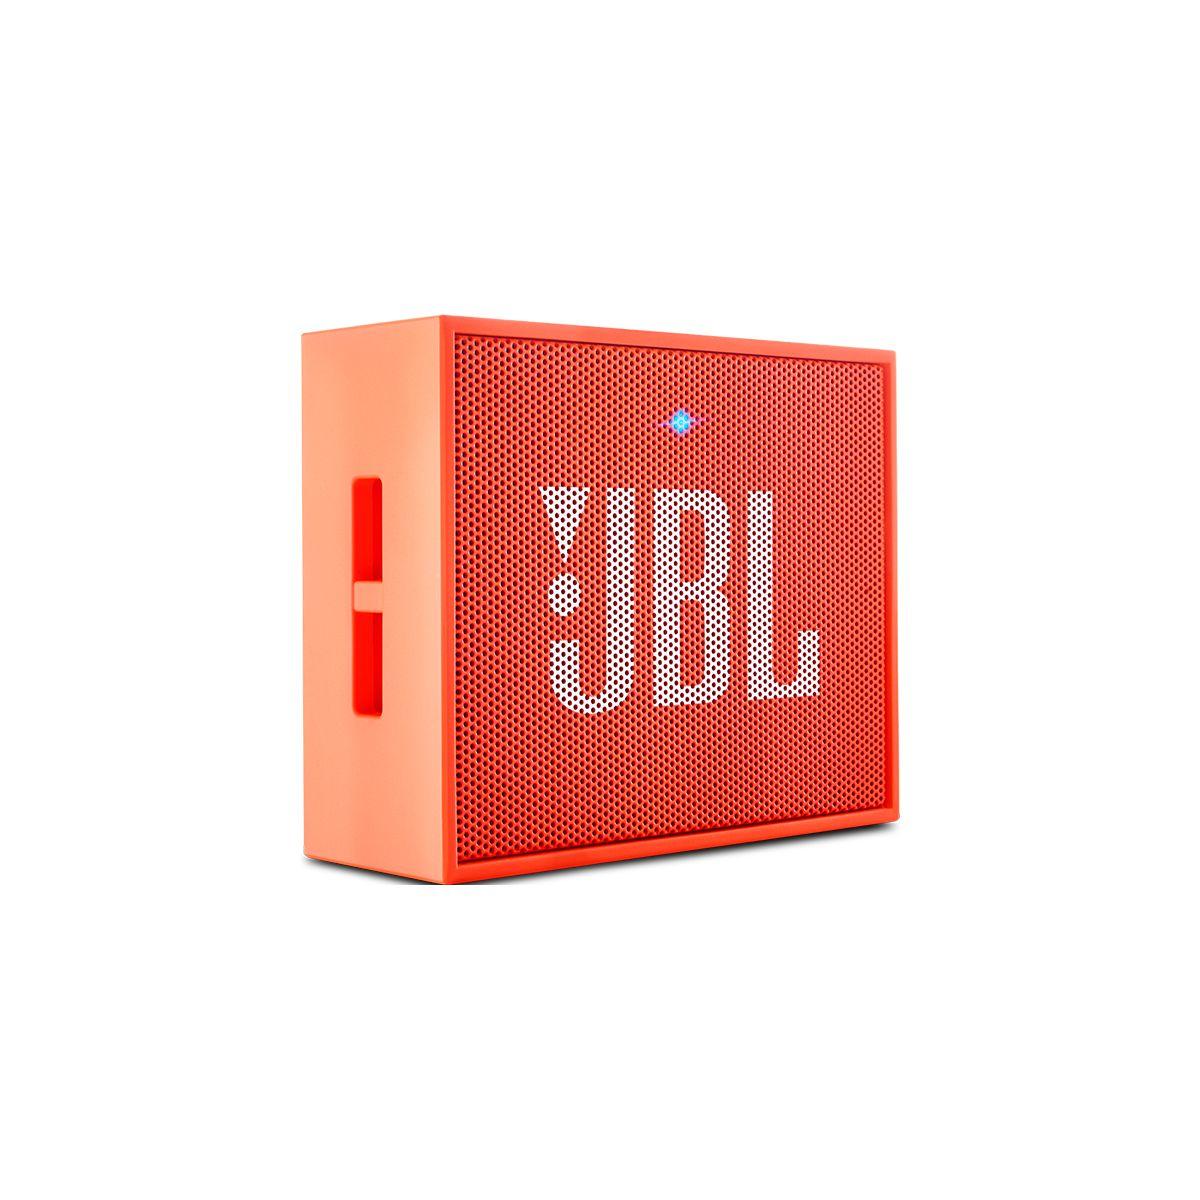 Enceinte bluetooth jbl go orange (photo)